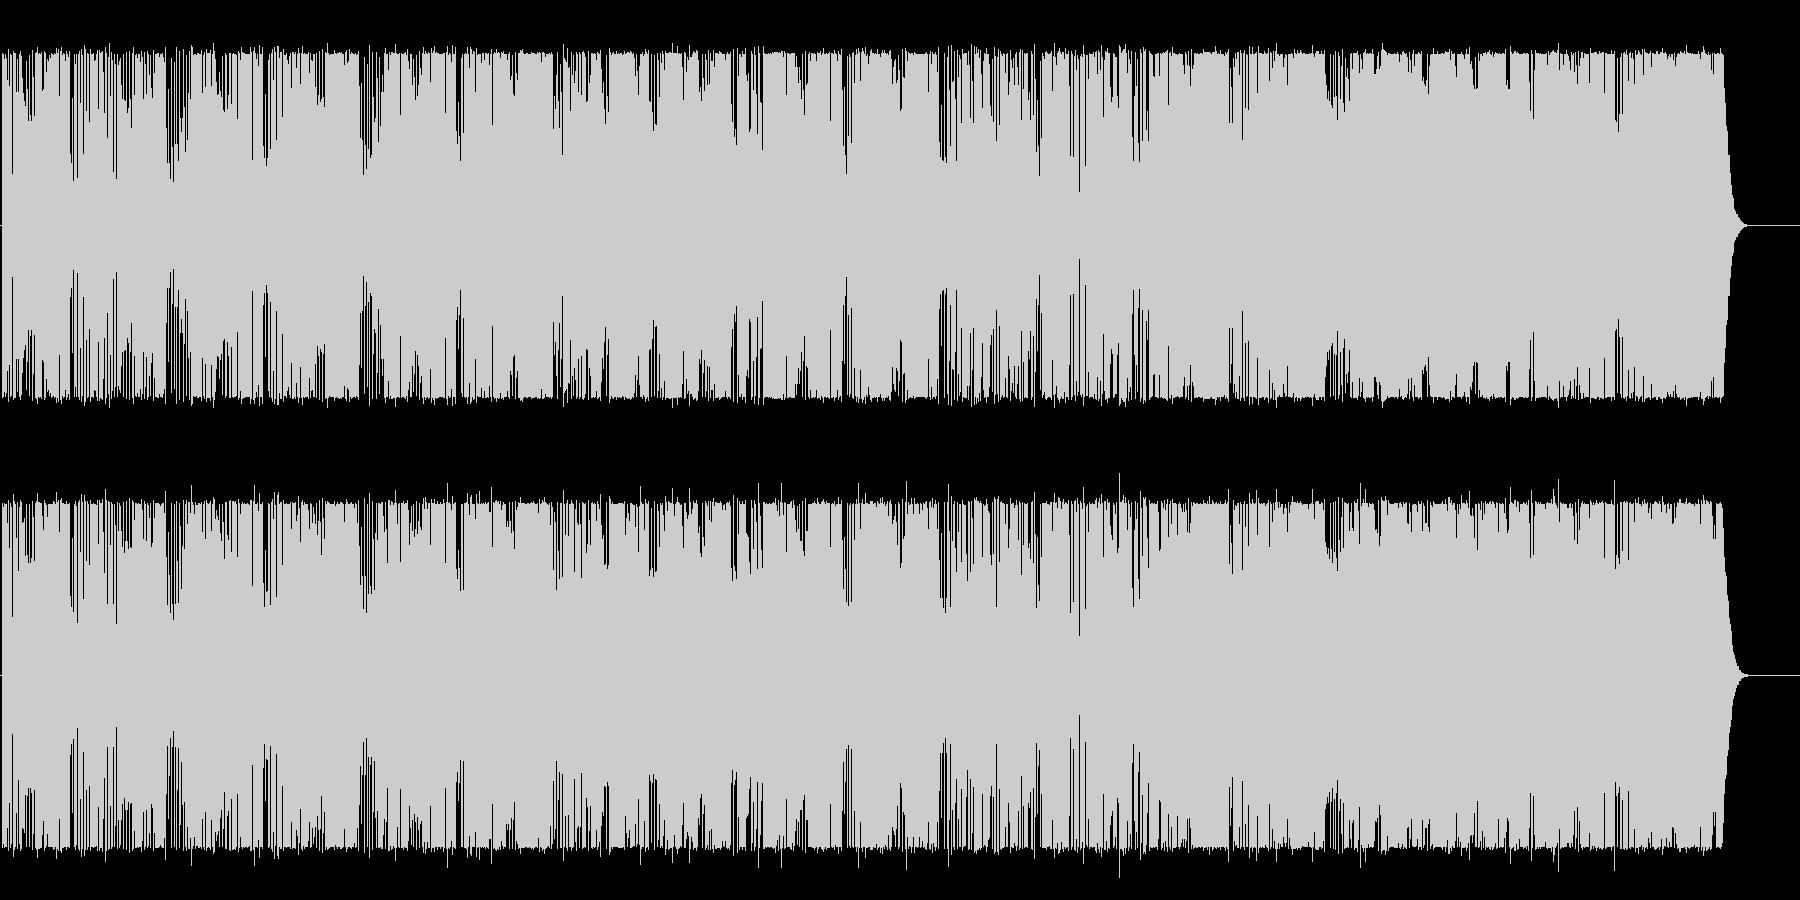 ベースが印象的なグルービーBGMの未再生の波形